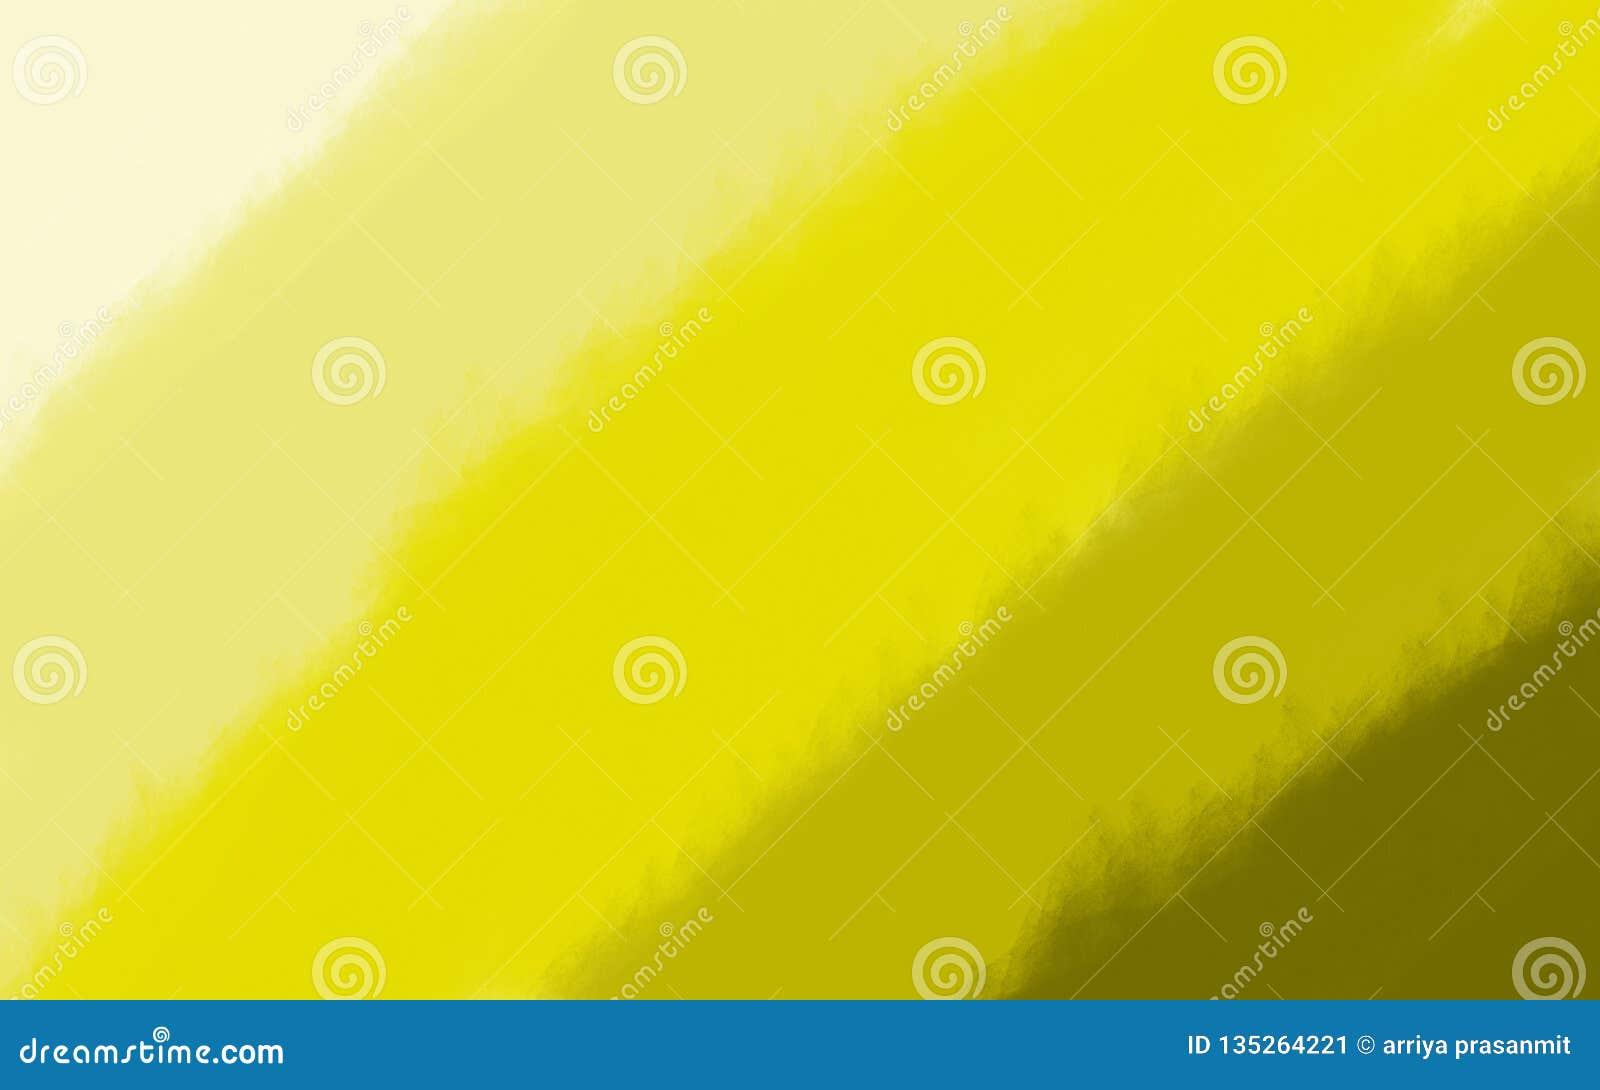 五颜六色的画笔背景,干净的背景